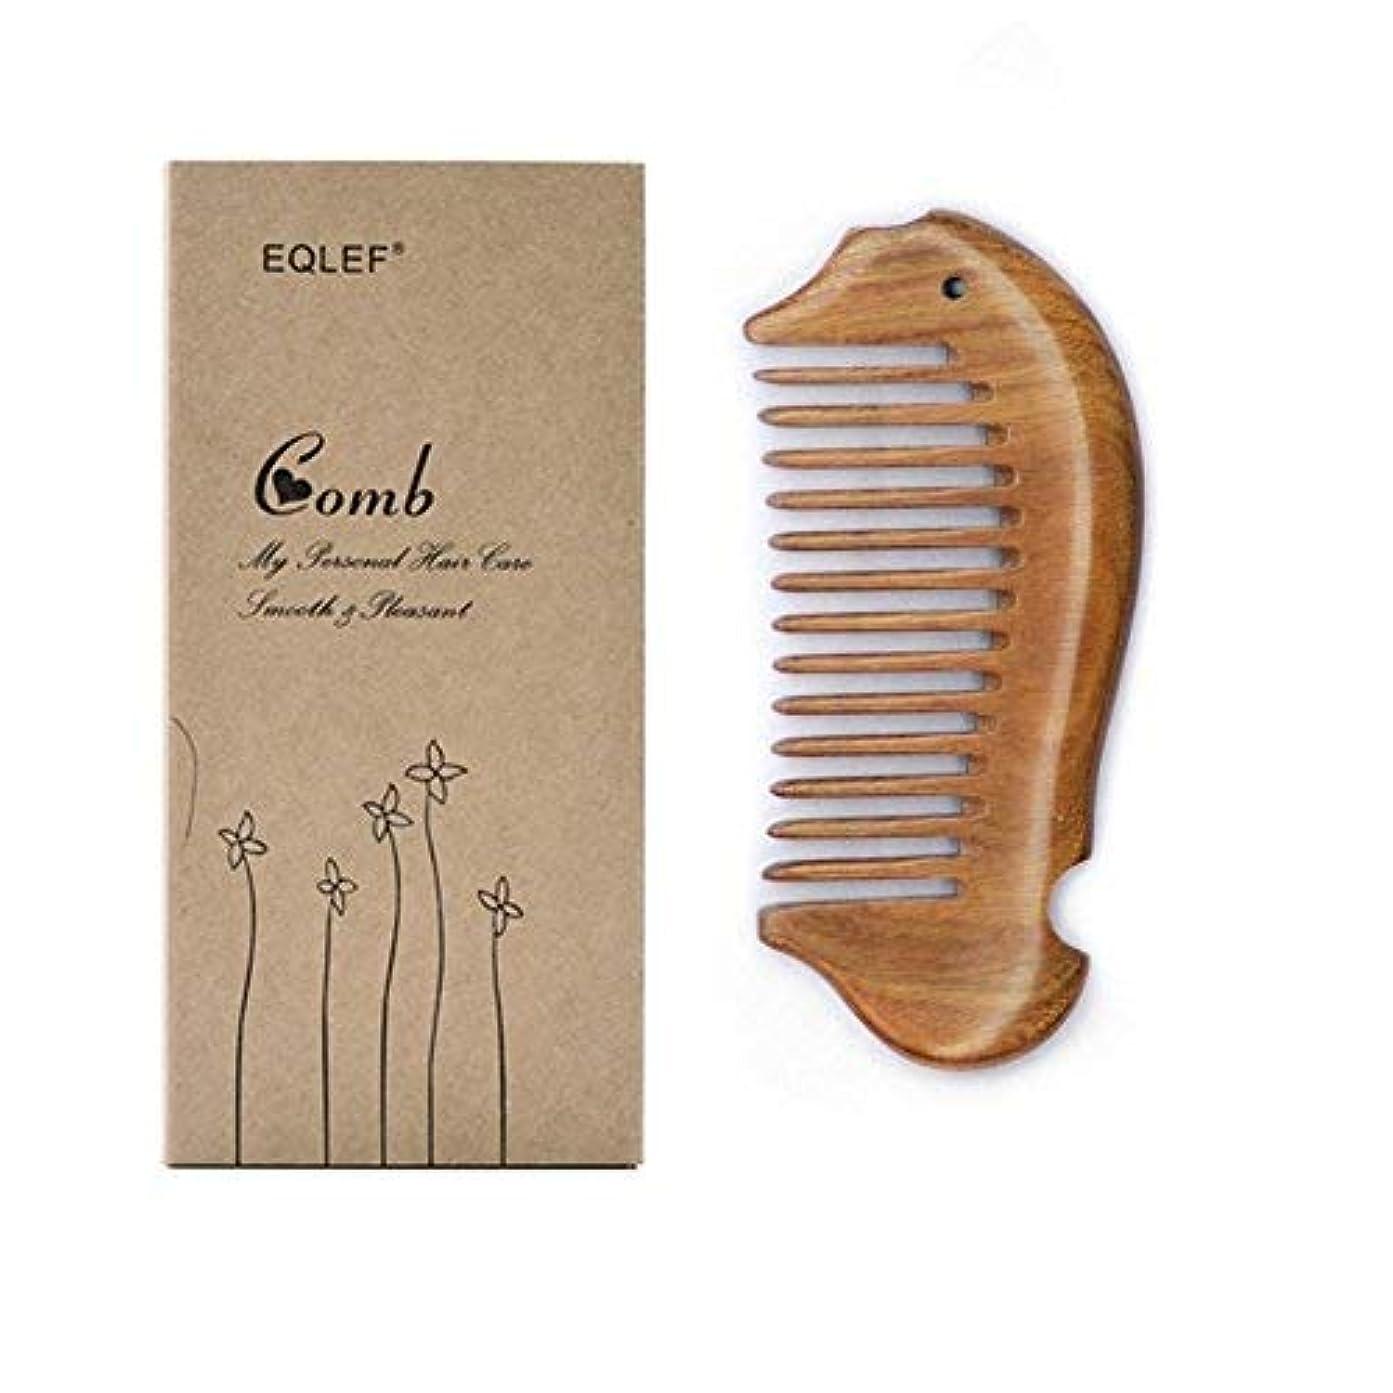 放出組み込む鮮やかなEQLEF? Fish shape Beard Comb Wooden Comb wide Tooth Green Sandalwood Pocket Comb Small Hair Comb Hair Brush [並行輸入品]